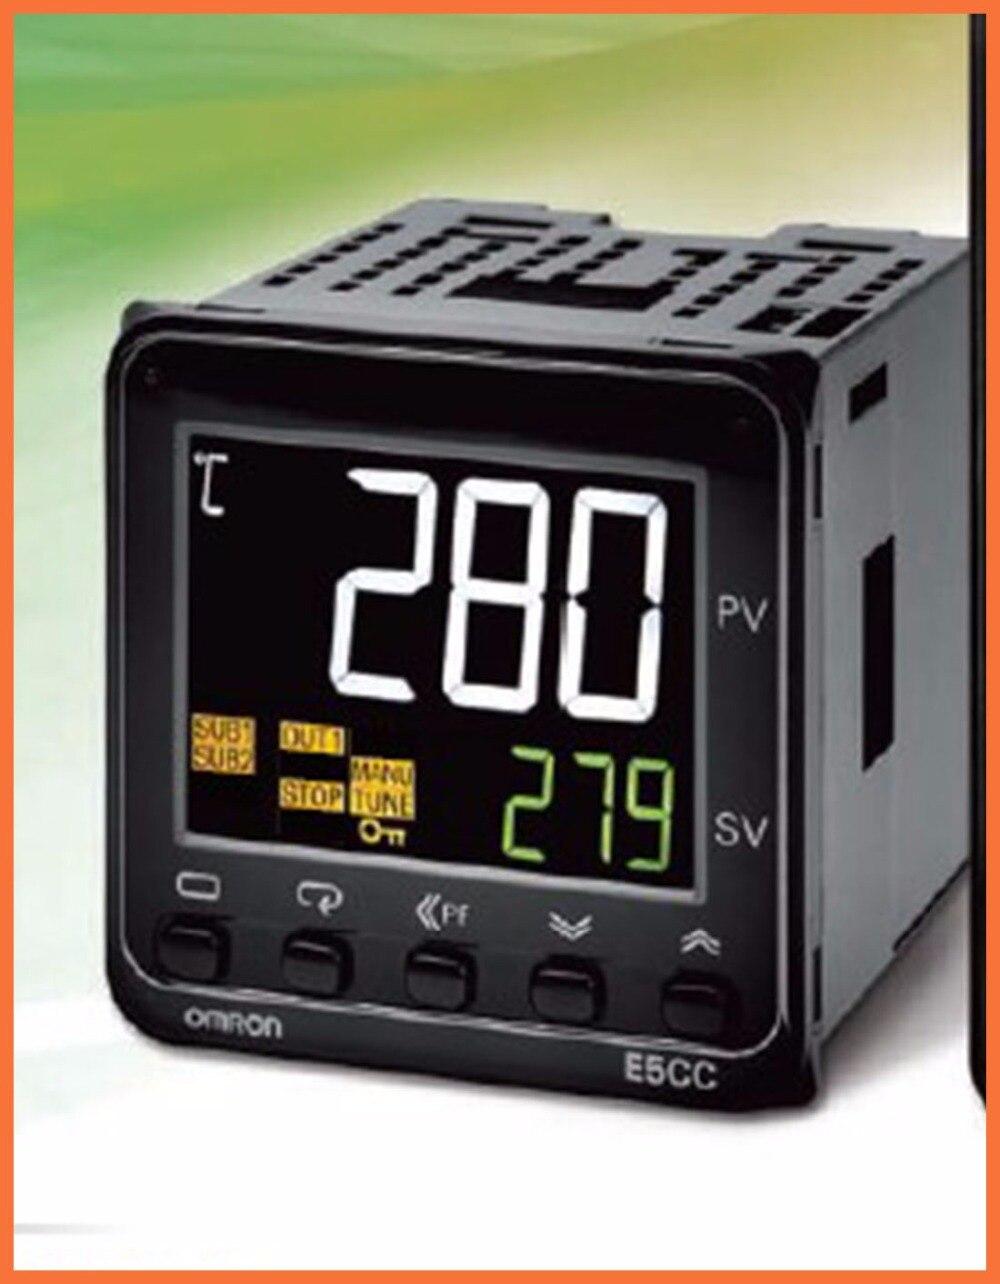 E5CCQX2ASM804 E5CC-QX2ASM-804 E5CC Tools parts Intelligent high-precision digital thermostat temperature controller цена 2017